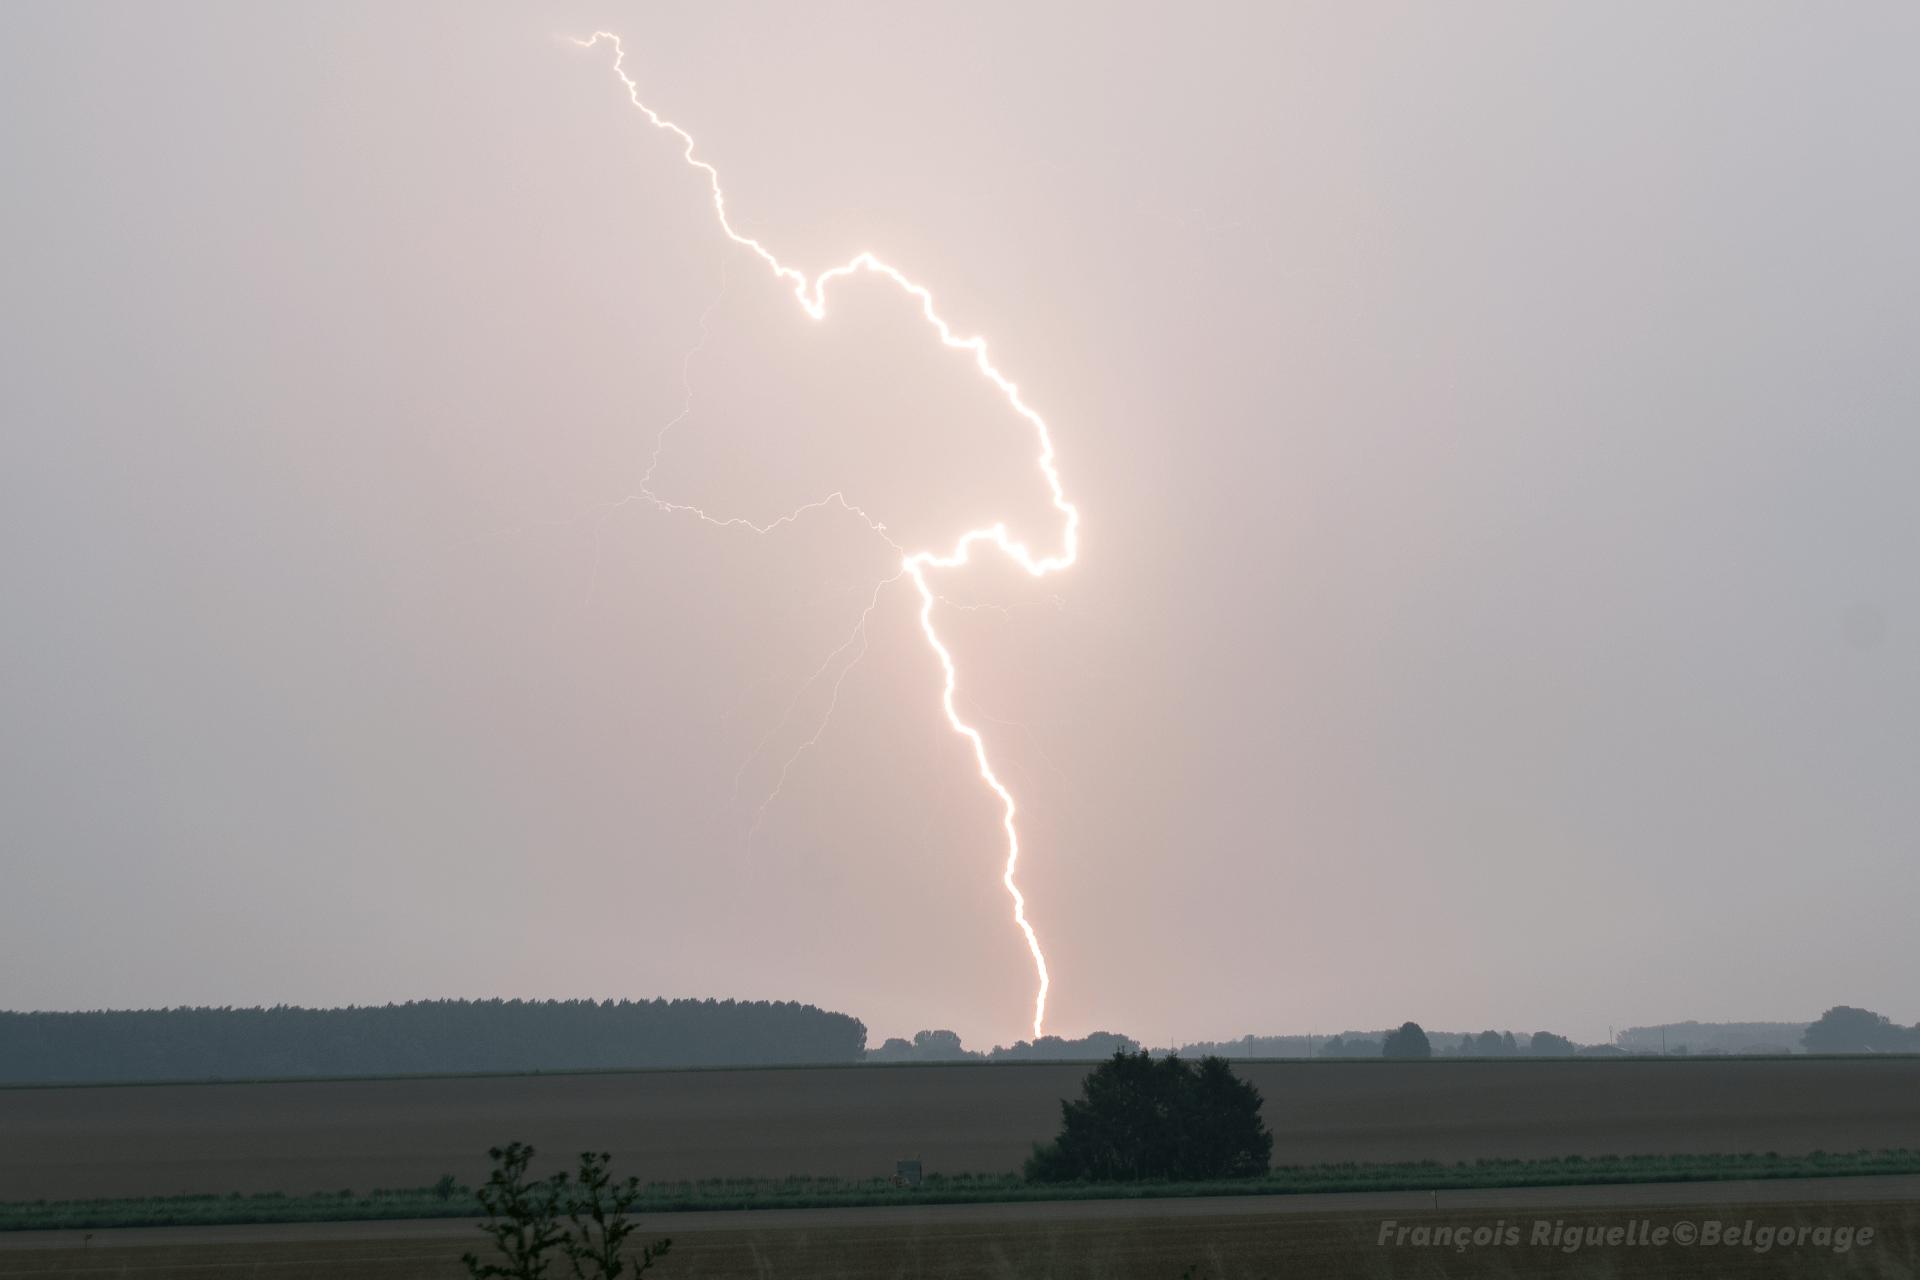 Coup de foudre descendant positif observé dans la région de Saint-Germain, en province de Namur, le 19 juin 2021 vers 22h00.